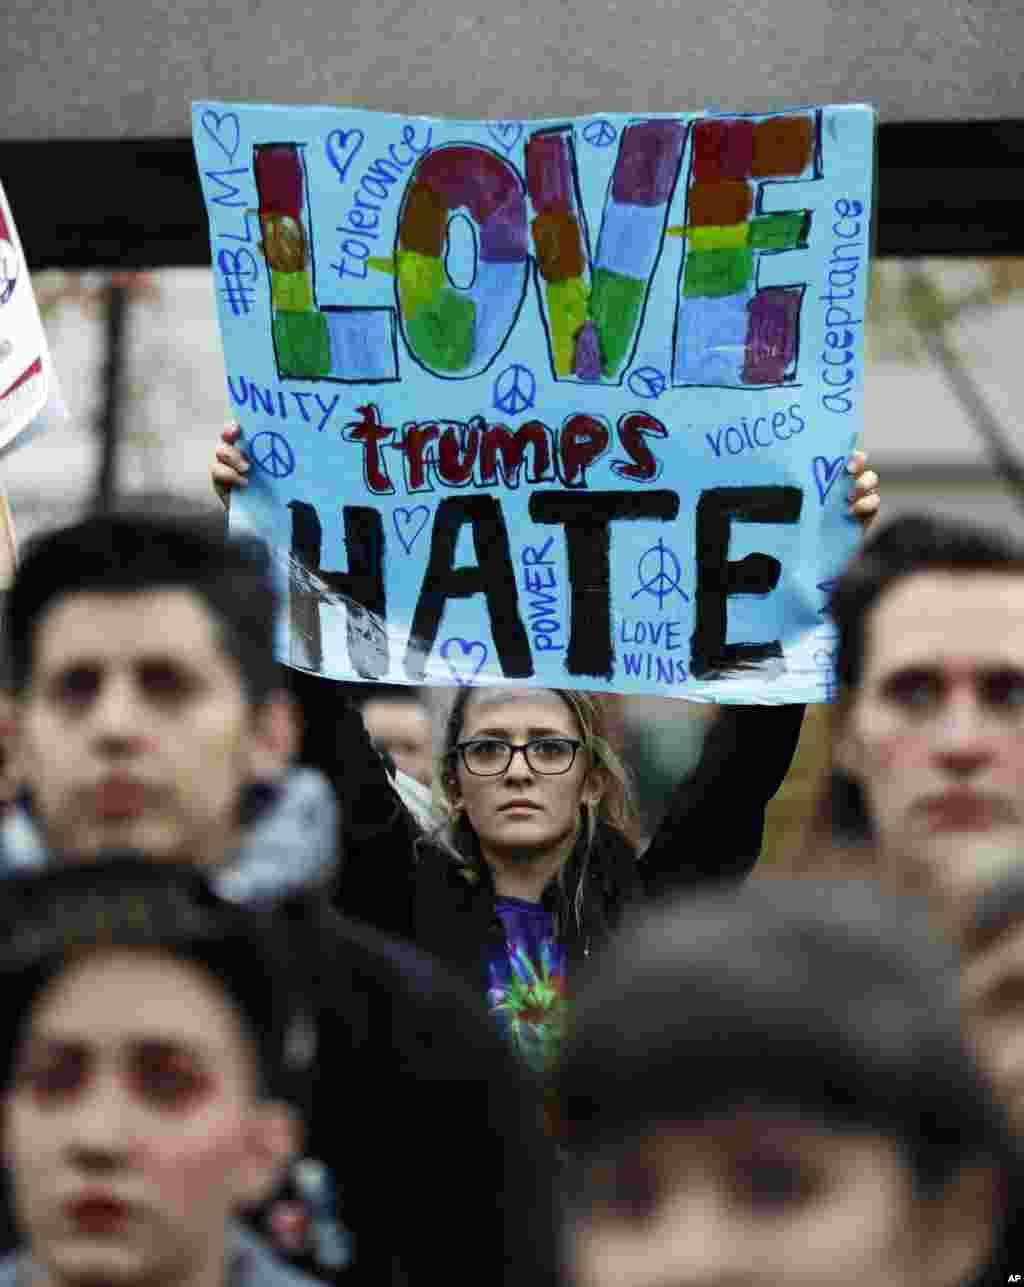 បាតុករម្នាក់លើកបដាមួយដែលសរសេរថា «Love Trumps Hate» អំឡុងពេលបាតុកម្មប្រឆាំងនឹងការបោះឆ្នោតជ្រើសតាំងលោកដូណាល់ ត្រាំជាប្រធានាធិបតី ក្នុងក្រុង Seattle កាលពីថ្ងៃទី០៩ ខែវិច្ឆិកា ឆ្នាំ២០១៦។